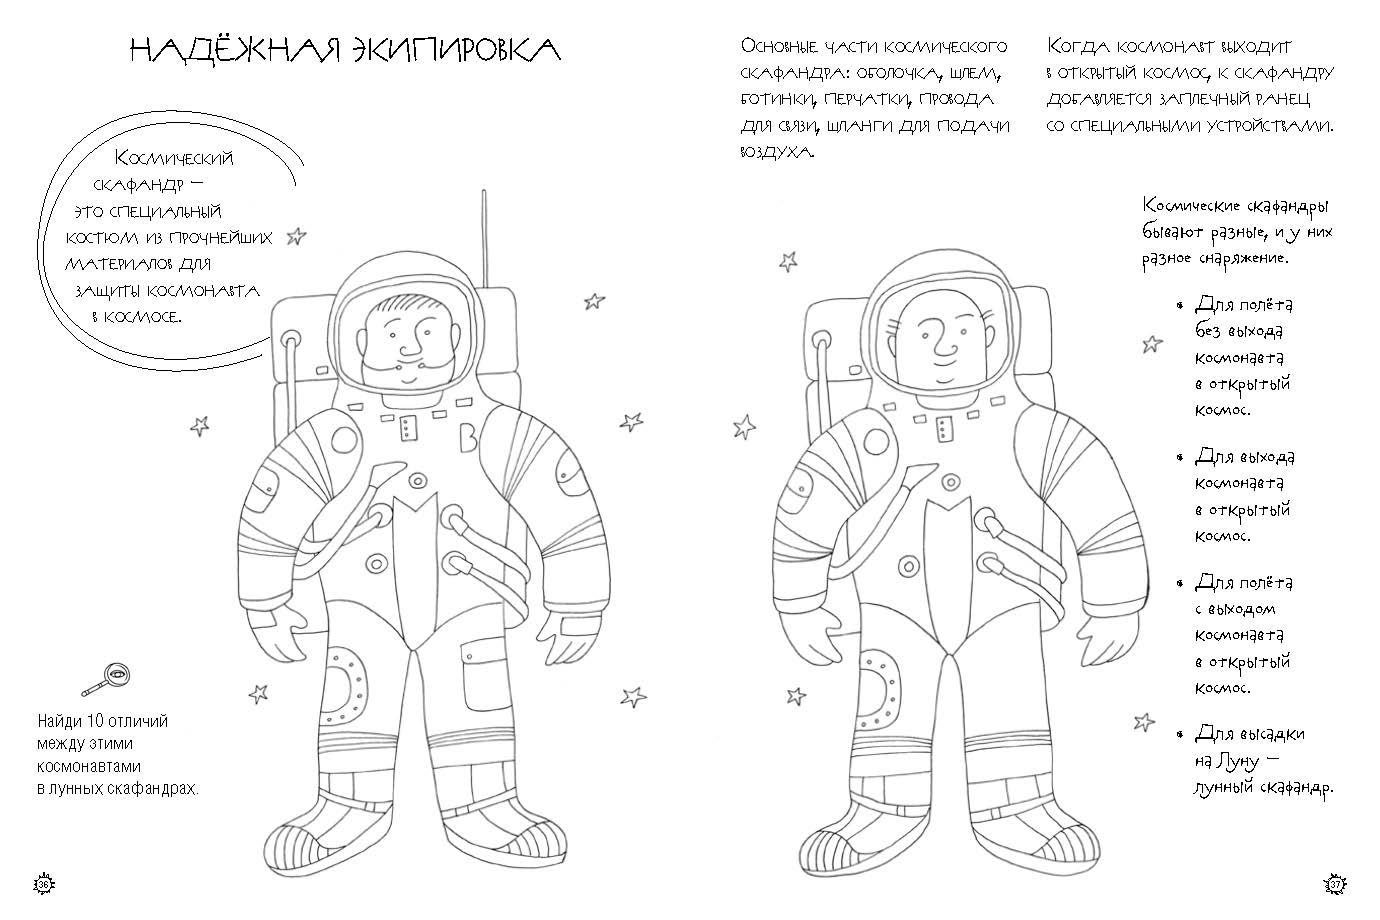 Kosmos_&_nakleyki 2_Страница_20